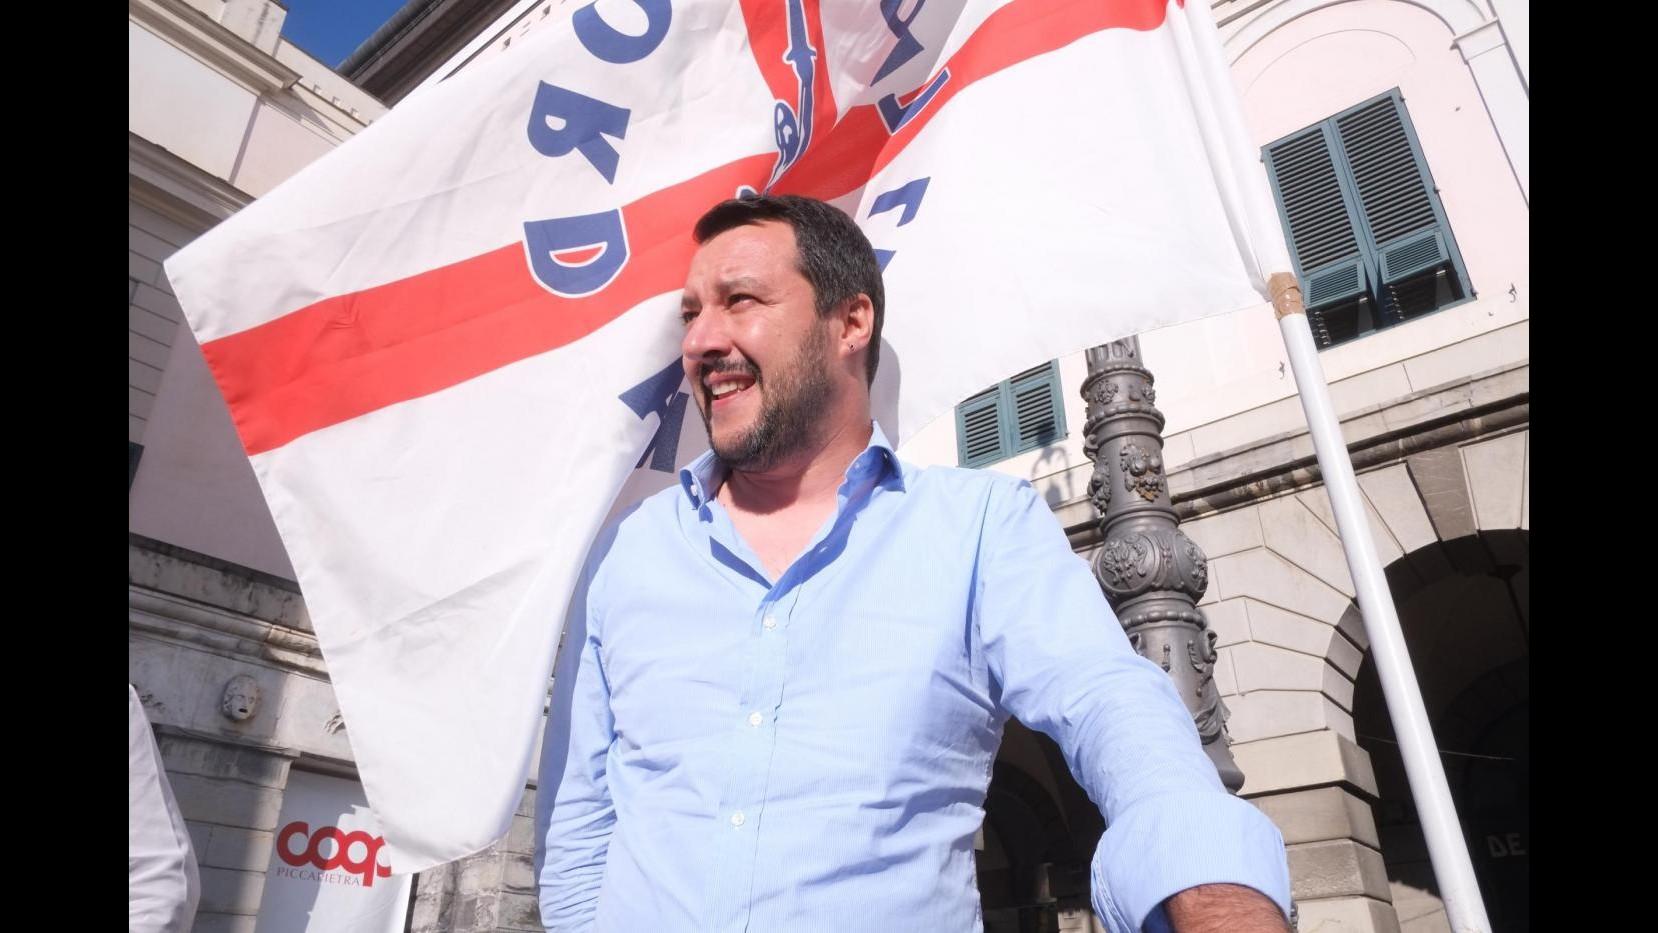 Salvini all'attacco: A Pontida c'era anche il Sud, siamo vera alternativa